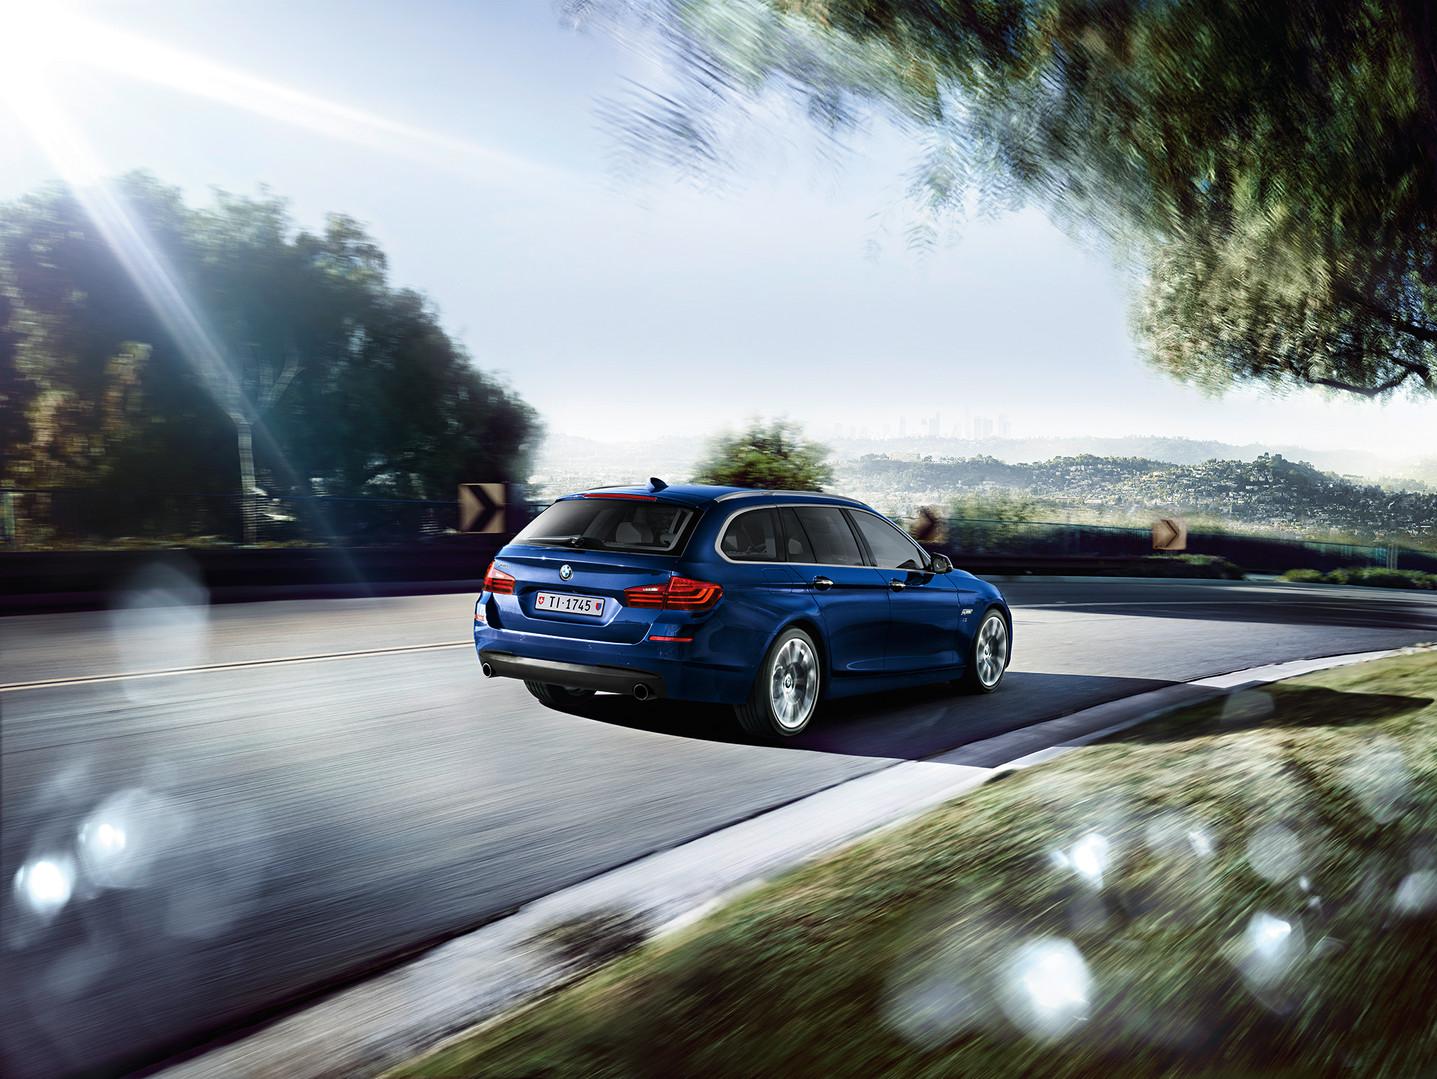 BMW_5er_Sujet_2.jpg